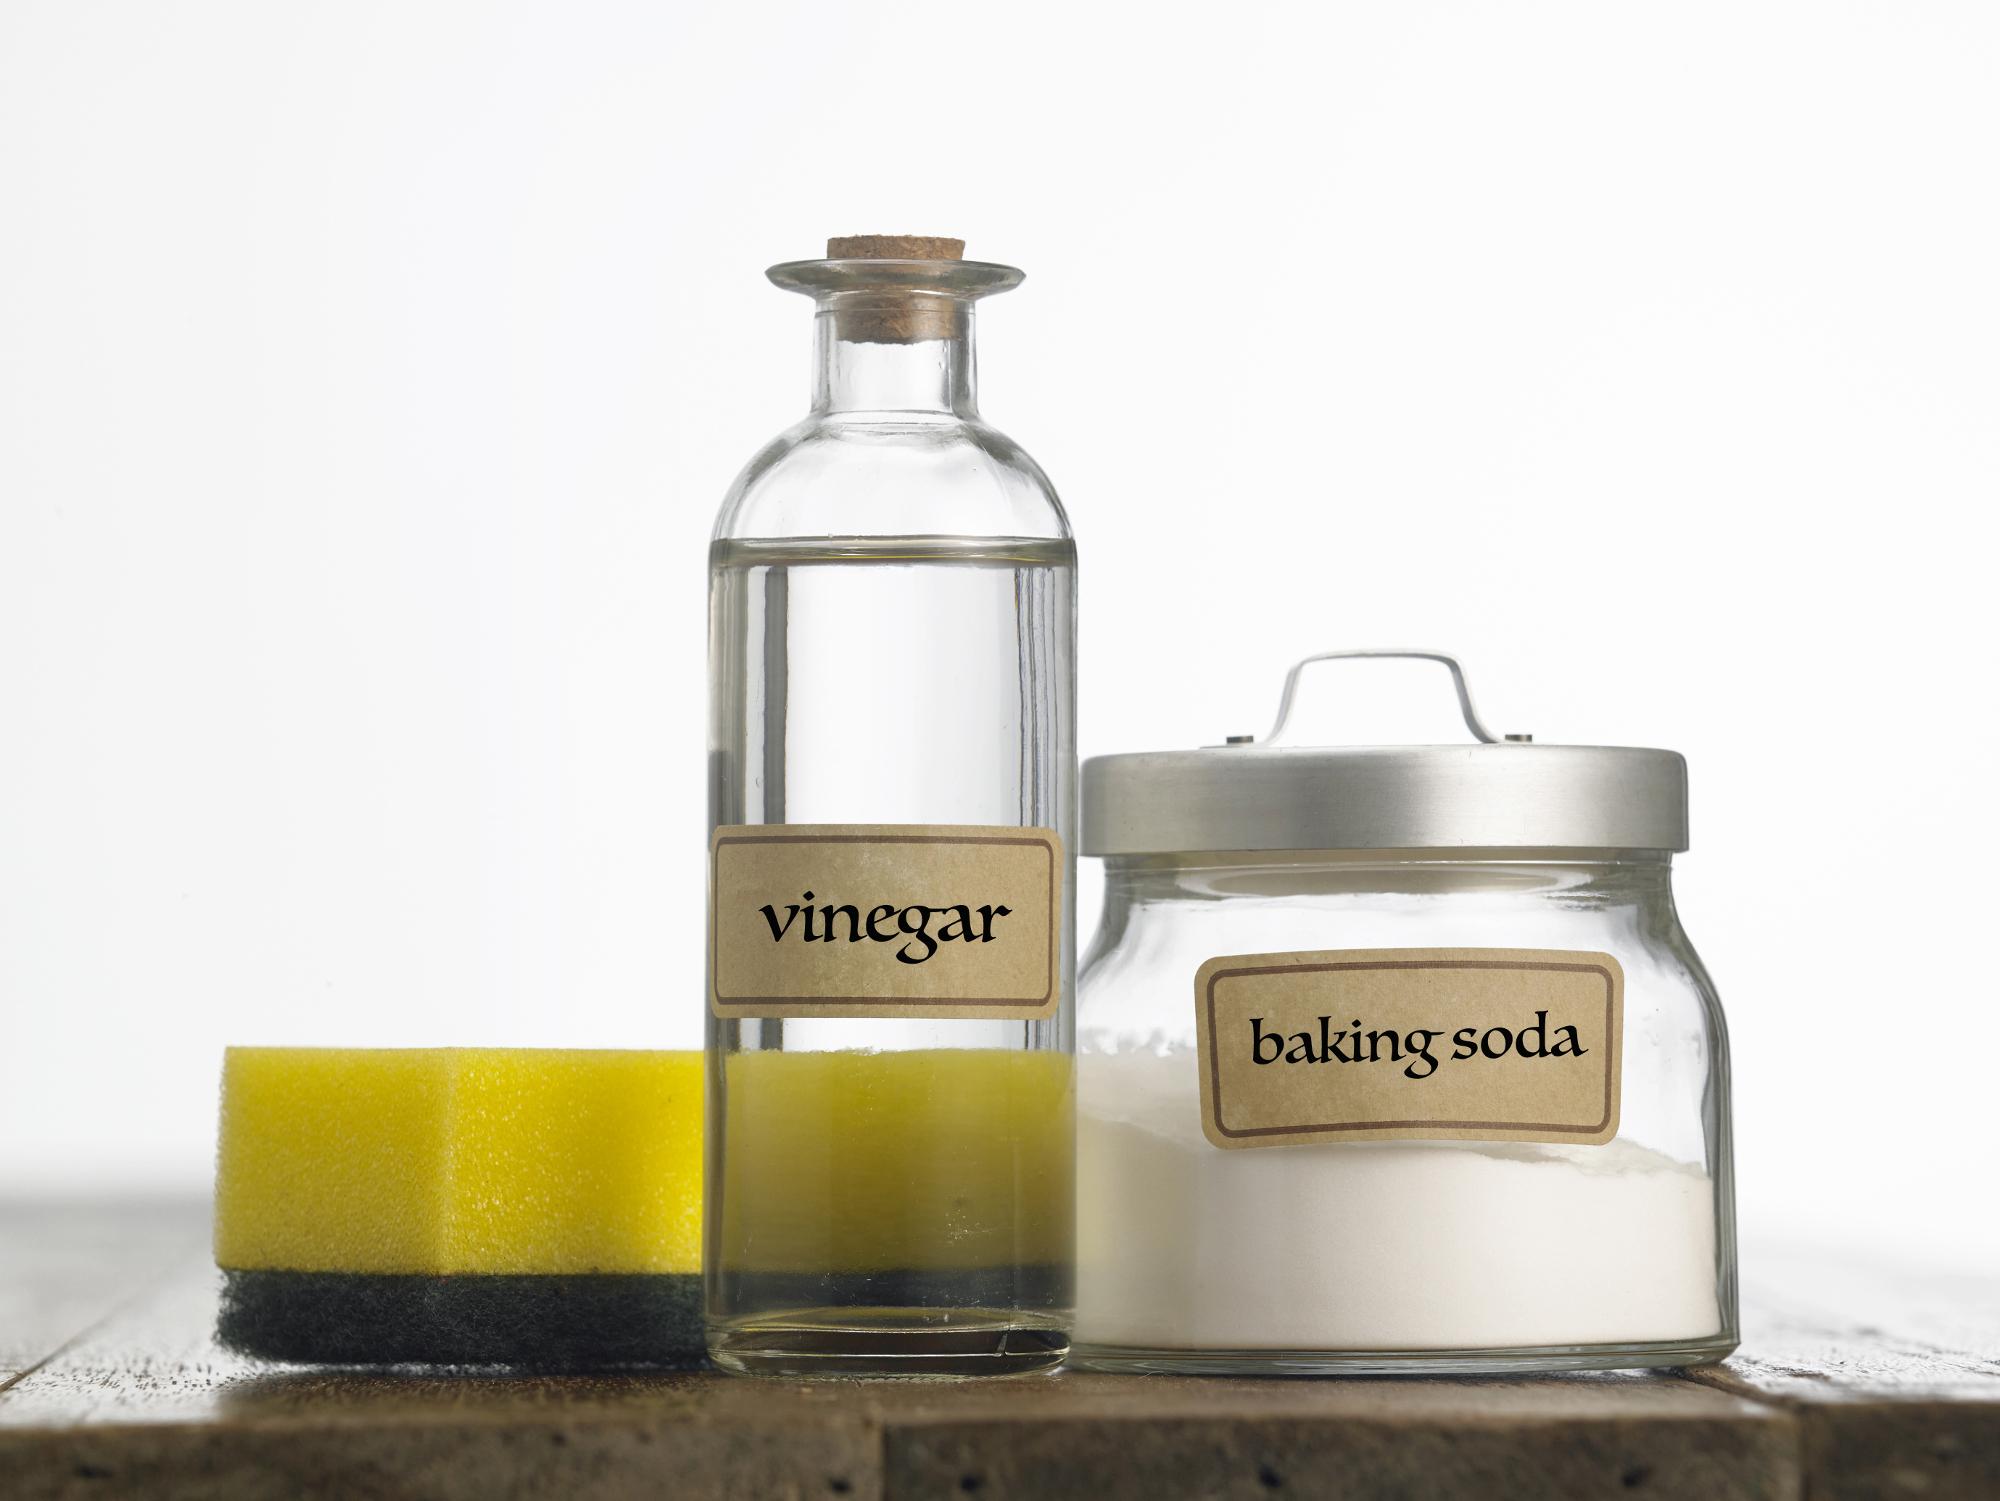 Schoonmaken natuurlijke schoonmaakmiddelen schoonmaakazijn groene zeep soda bicarbonaat koffiedik citroen